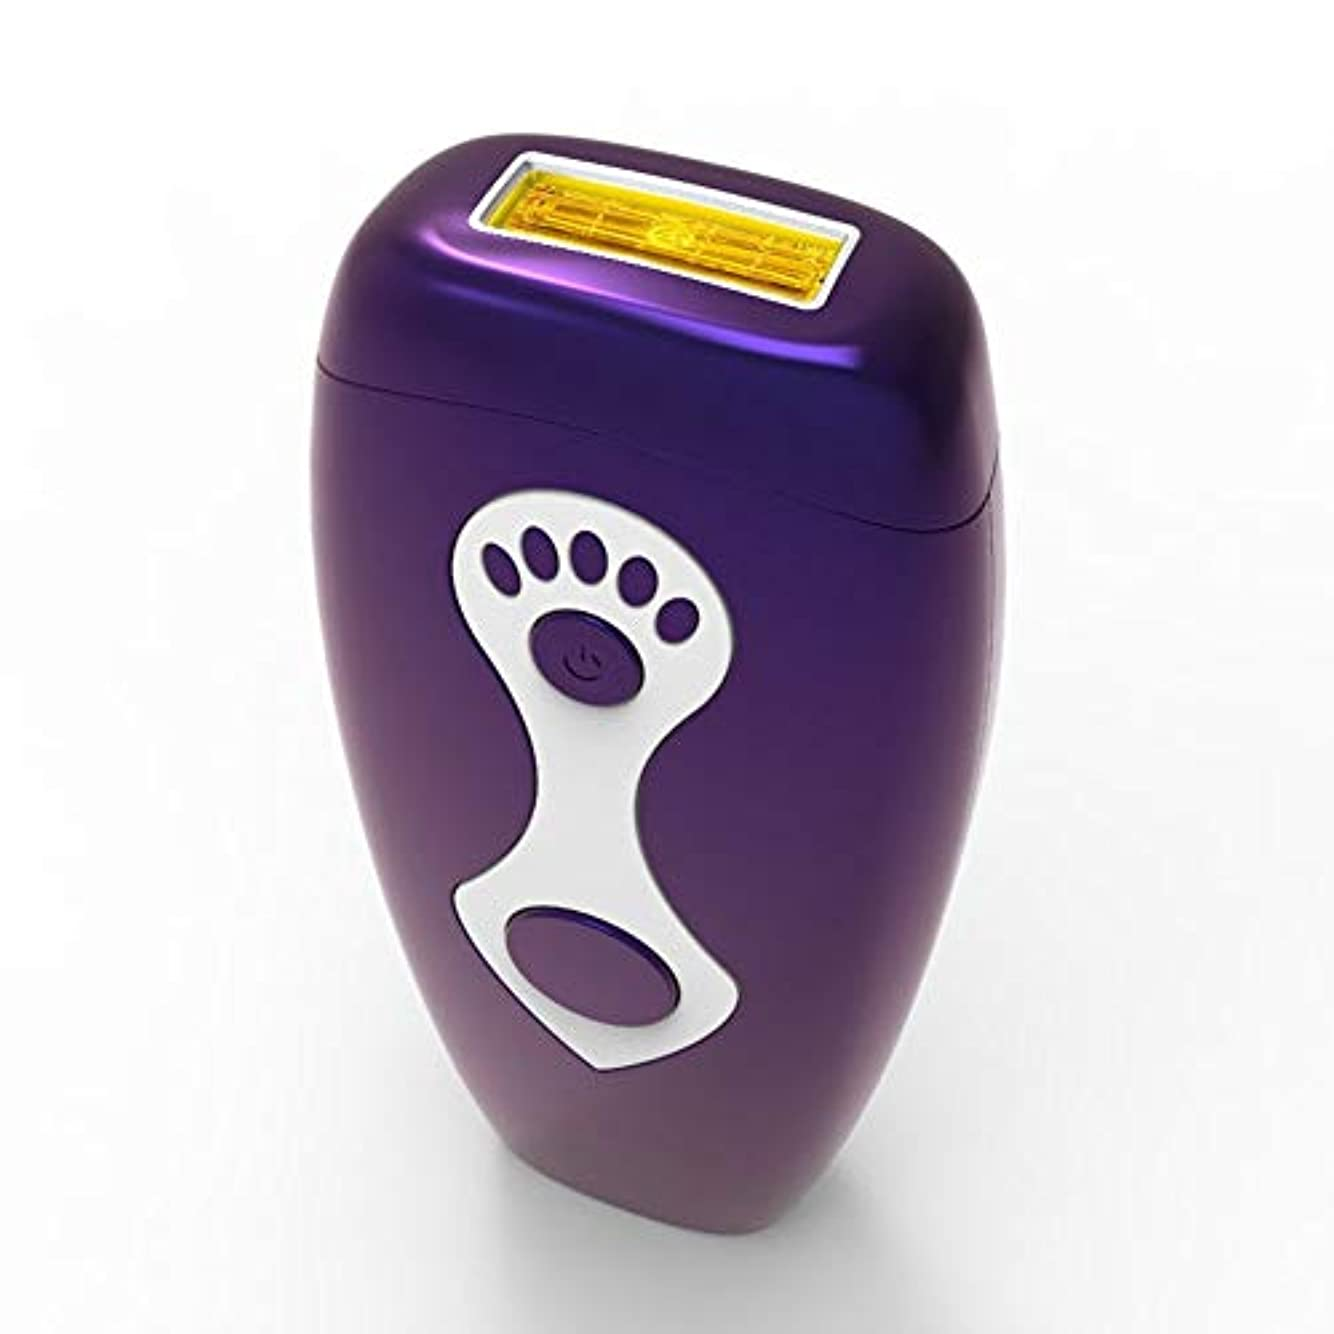 ティーム医療過誤学んだNuanxin パーマネント脱毛、家庭用ニュートラルヘアリムーバー、柔らかい肌、マルチ運動エネルギー、安全性、グレード5無料調整、サイズ7.5×16.5 Cm F30 (Color : Purple)